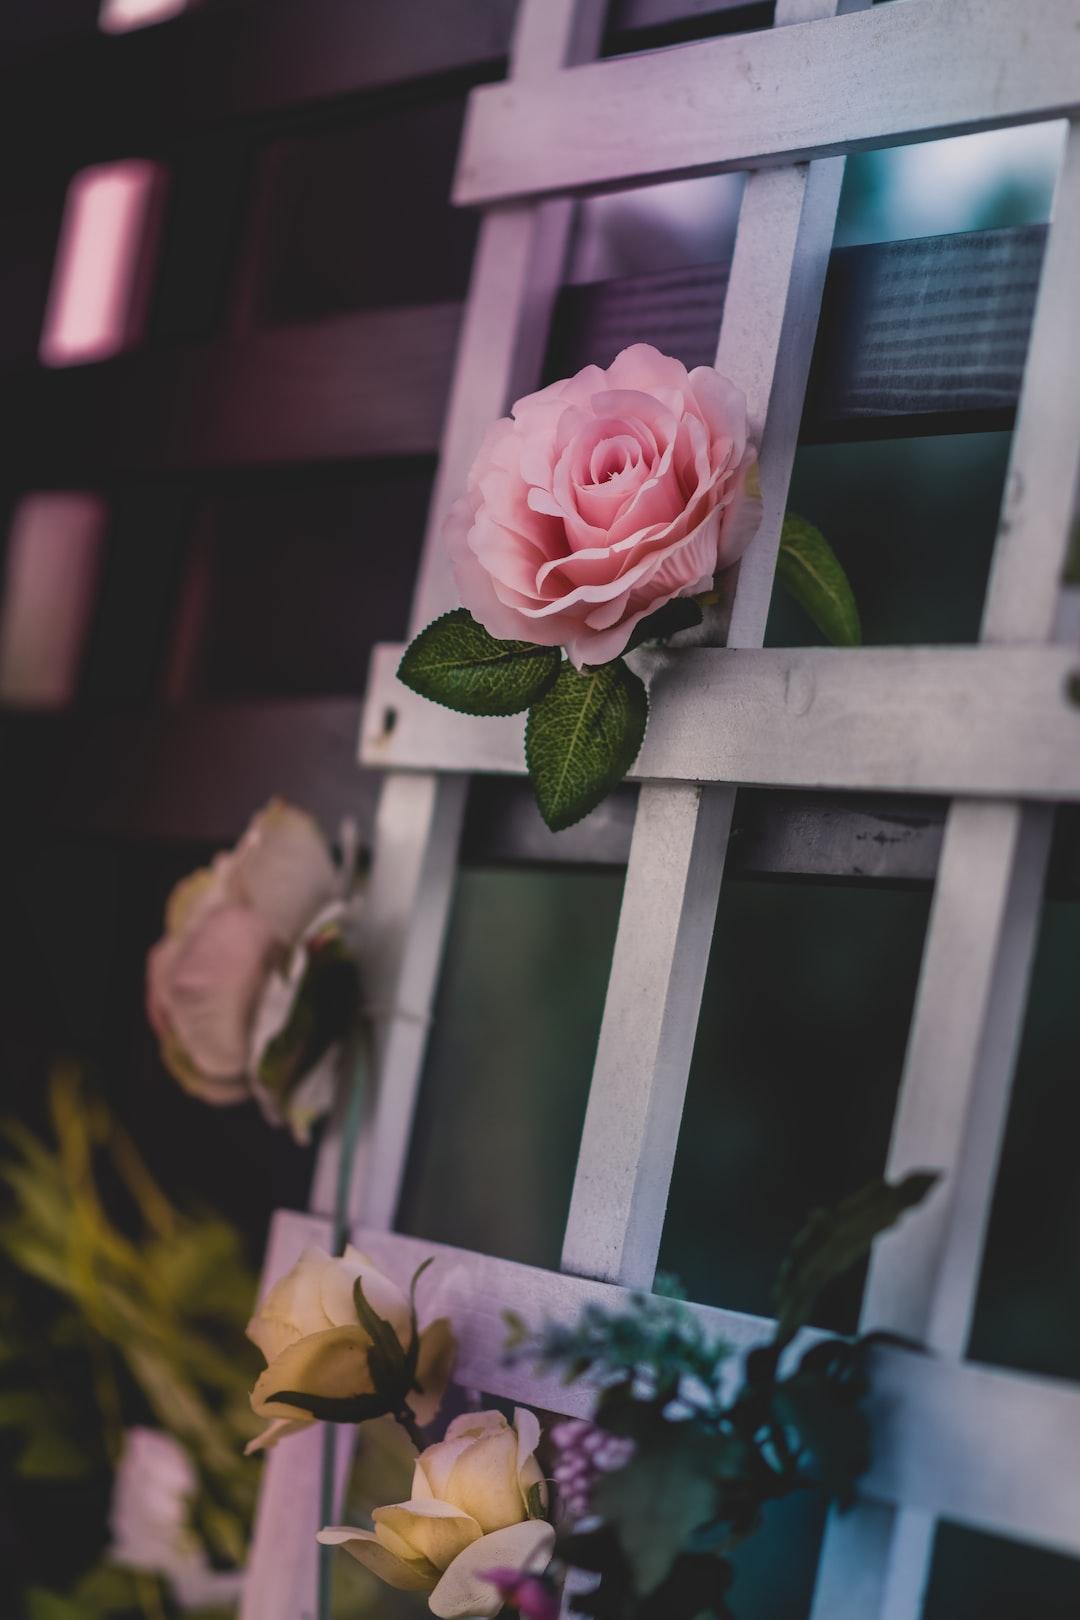 Rose latticework